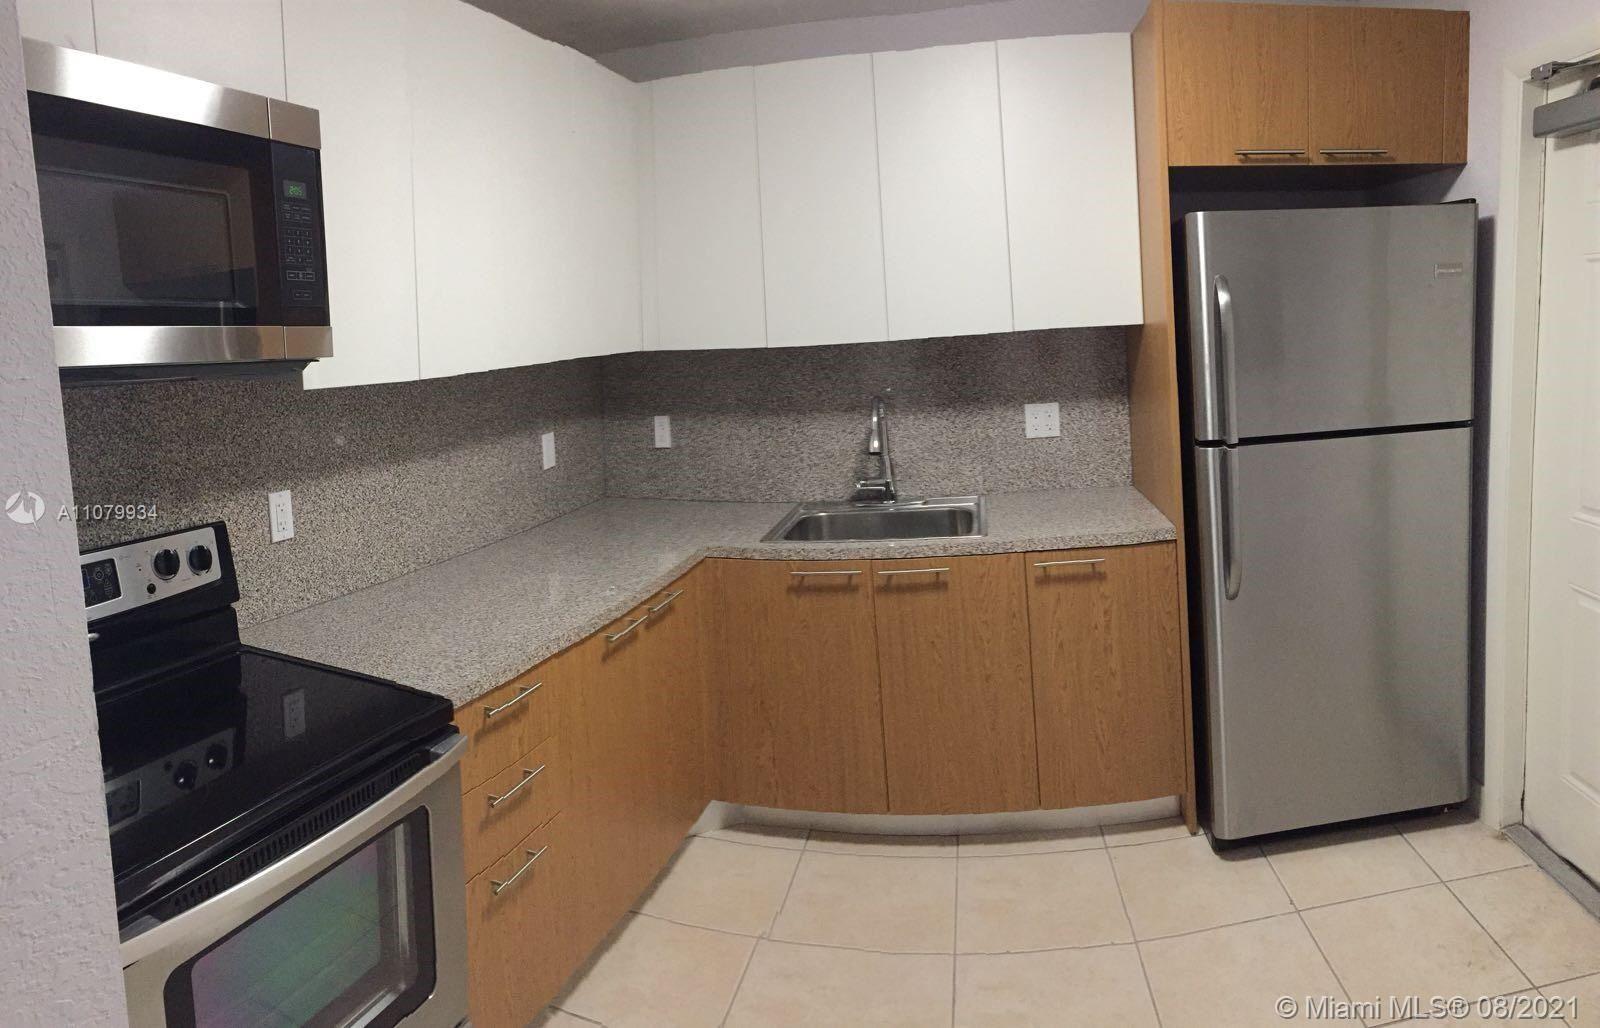 15201 NE 6th Ave #C101, Miami, FL 33162 - #: A11079934